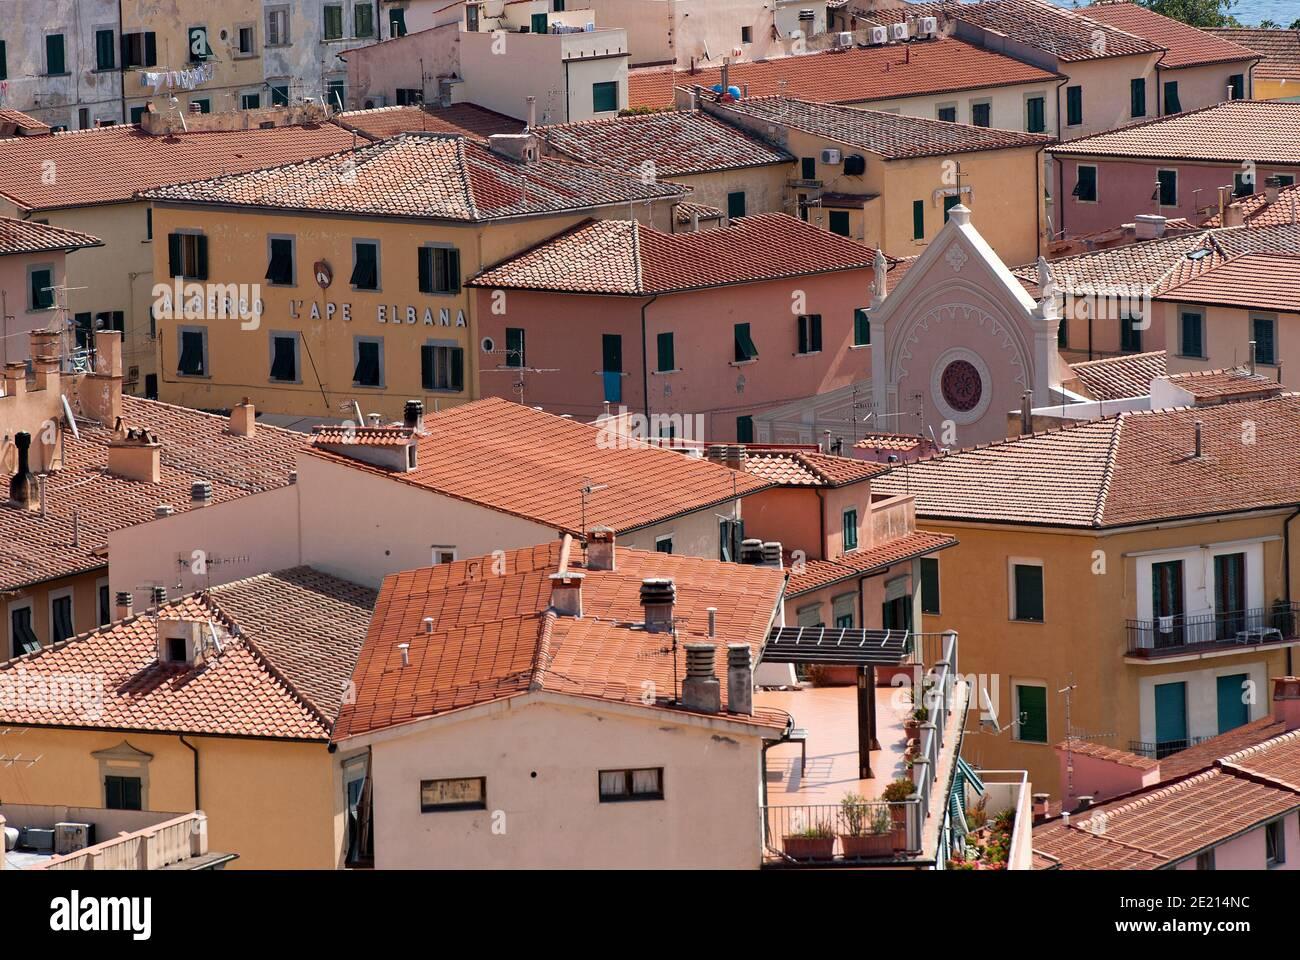 Village de Portoferraio avec le sommet de la Nativité de la Bienheureuse église de la Vierge Marie se tenant parmi les maisons, île d'Elbe, Toscane, Italie Banque D'Images